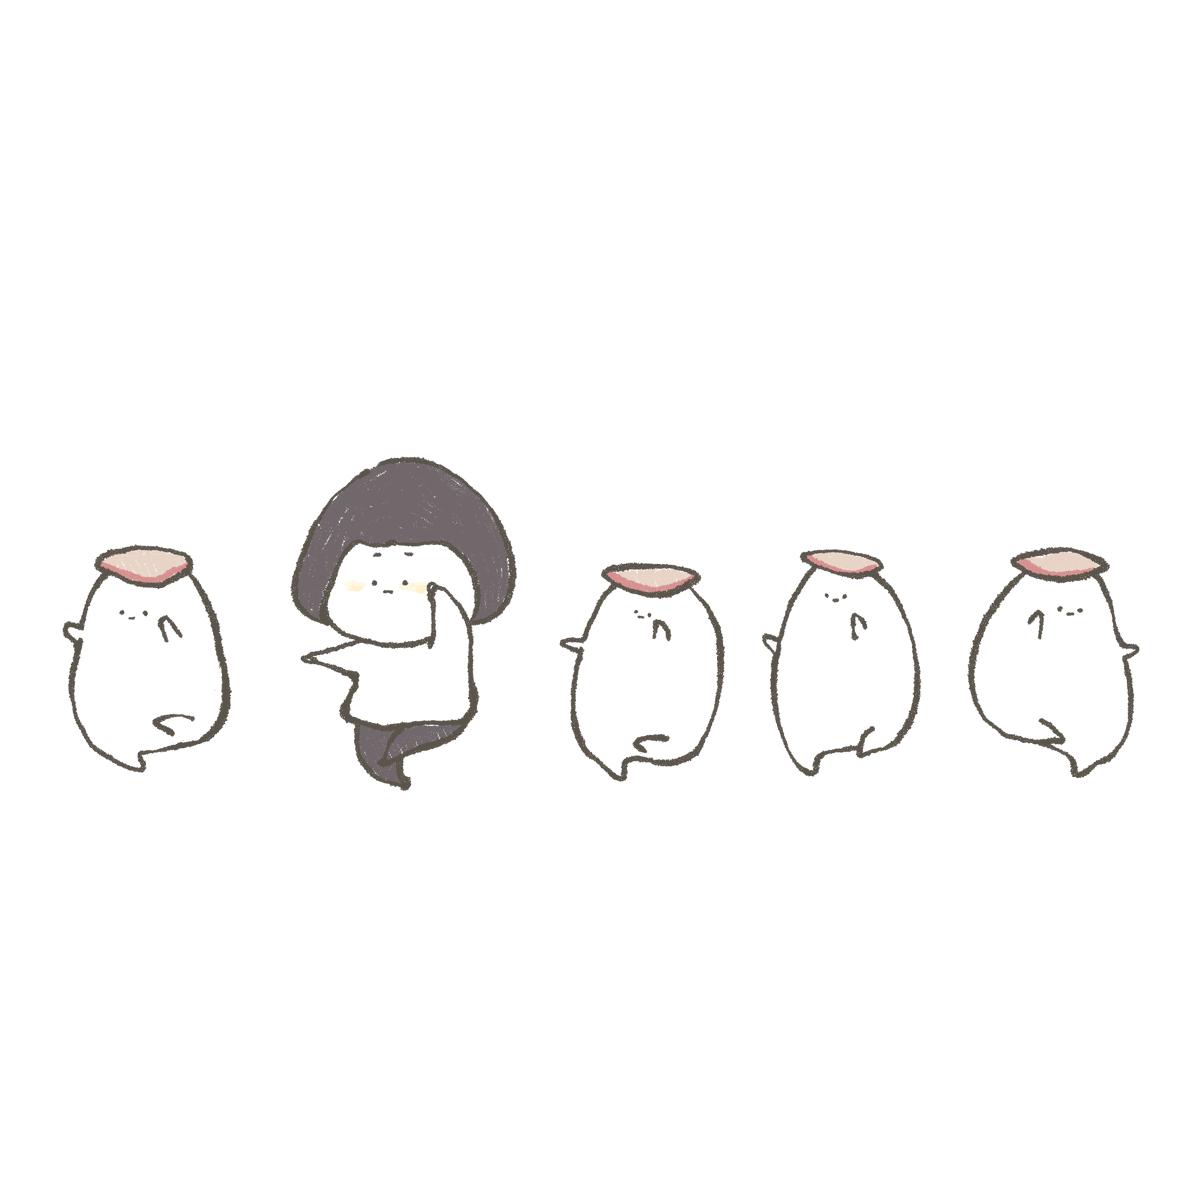 ブリのお寿司のダンス #イラスト #そぼかわ 」 おおもりの漫画